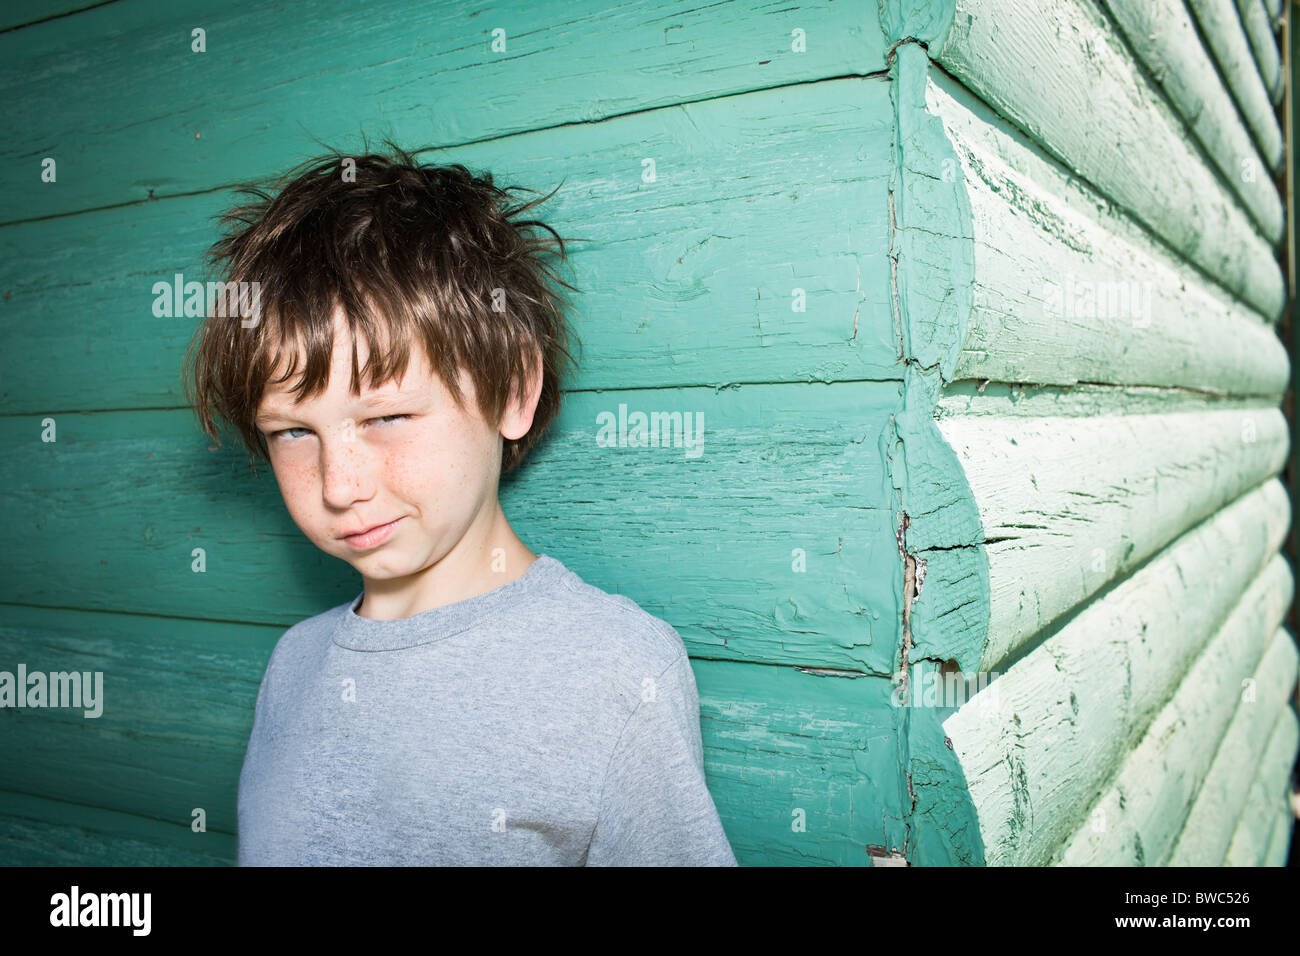 Garçon d'être chauds à l'appareil photo Photo Stock